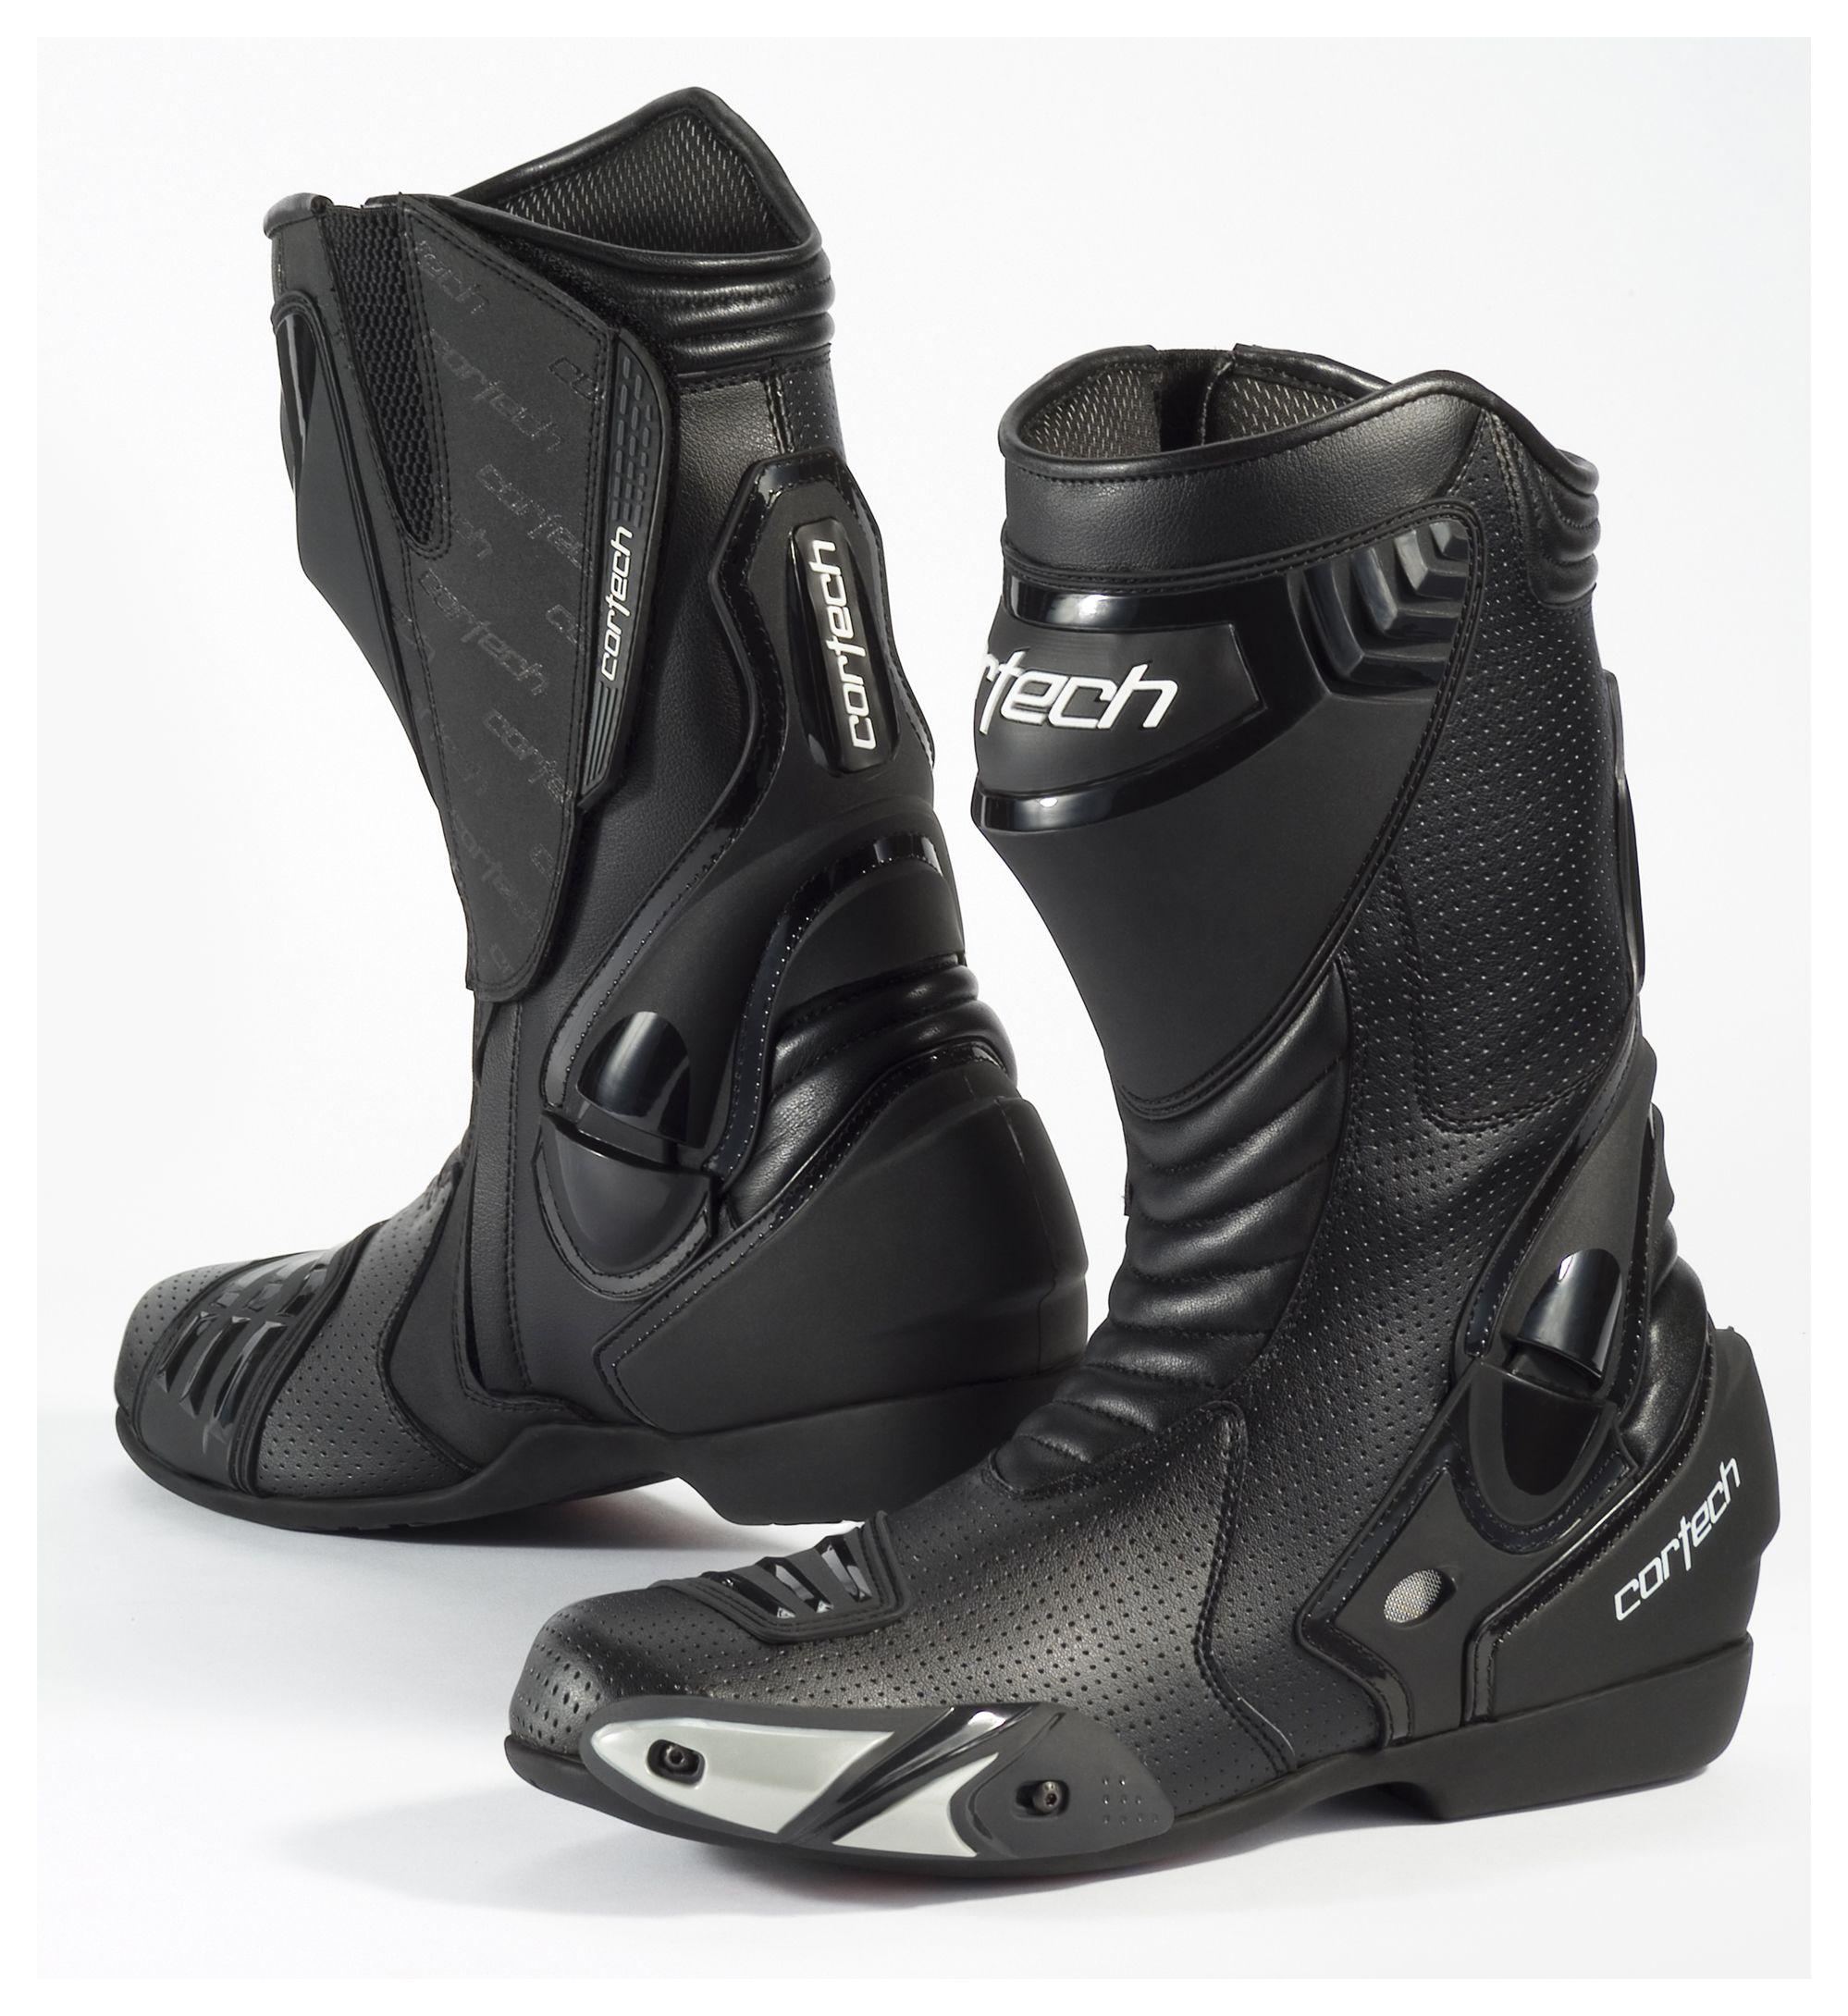 motorcycle riding boots cortech latigo air rr boots - revzilla ZBRJFLM